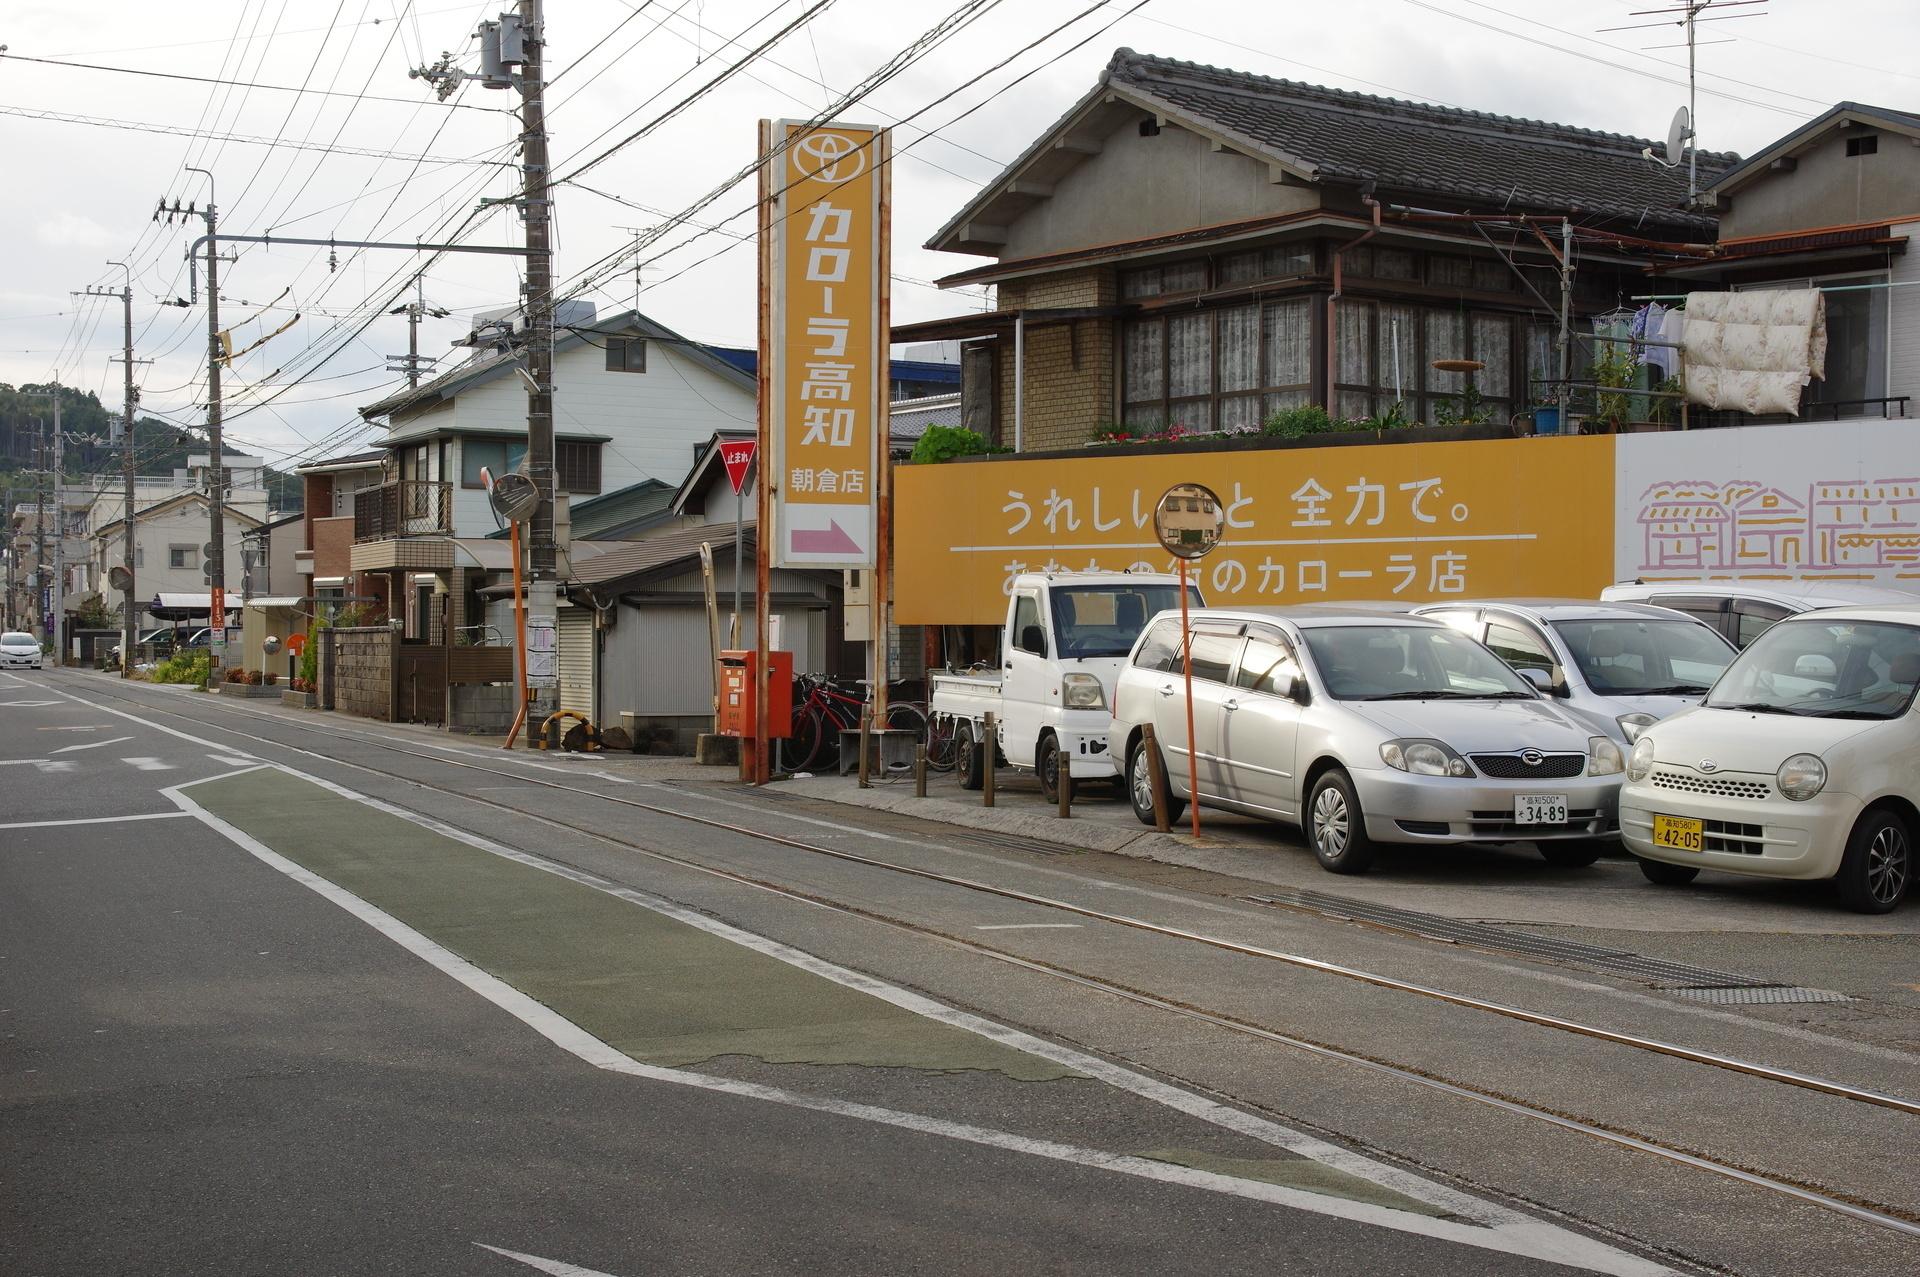 曙町東町駅の全景(はりまや橋側から撮影)